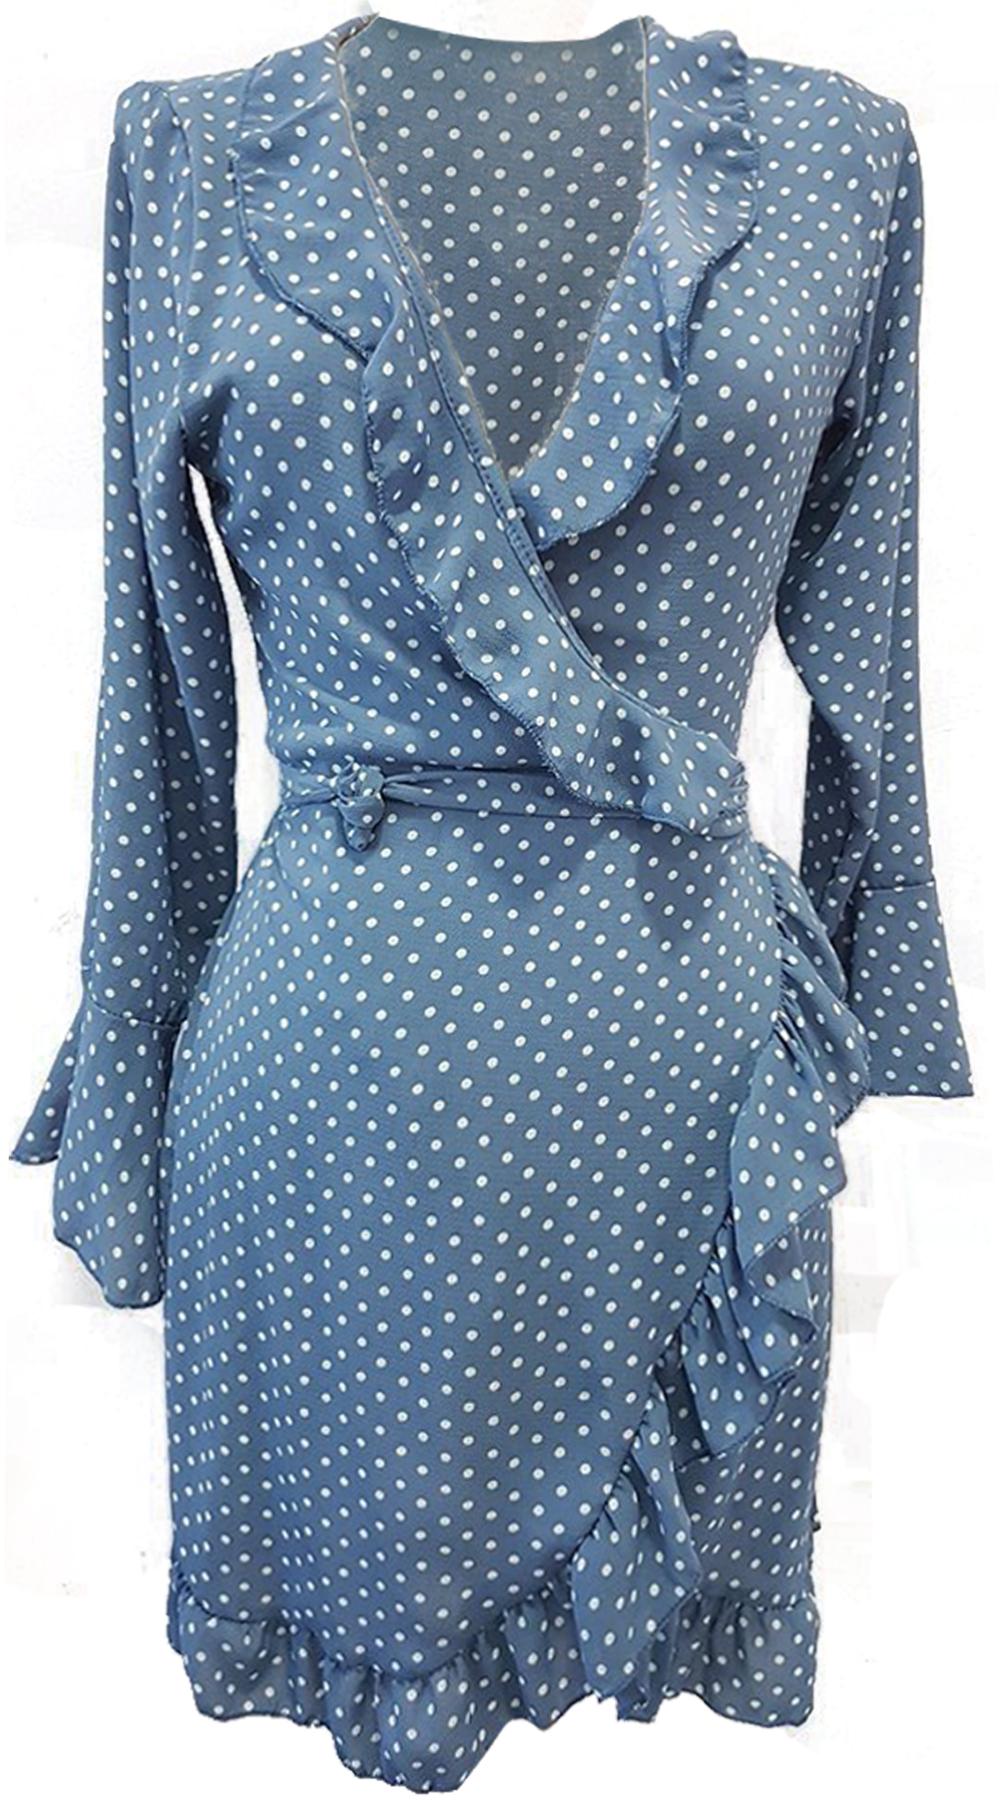 Μίνι πουά κρουαζέ φόρεμα με βολάν στο λαιμό - MissReina - SP18SOF-546987 φορέματα μίνι φορέματα